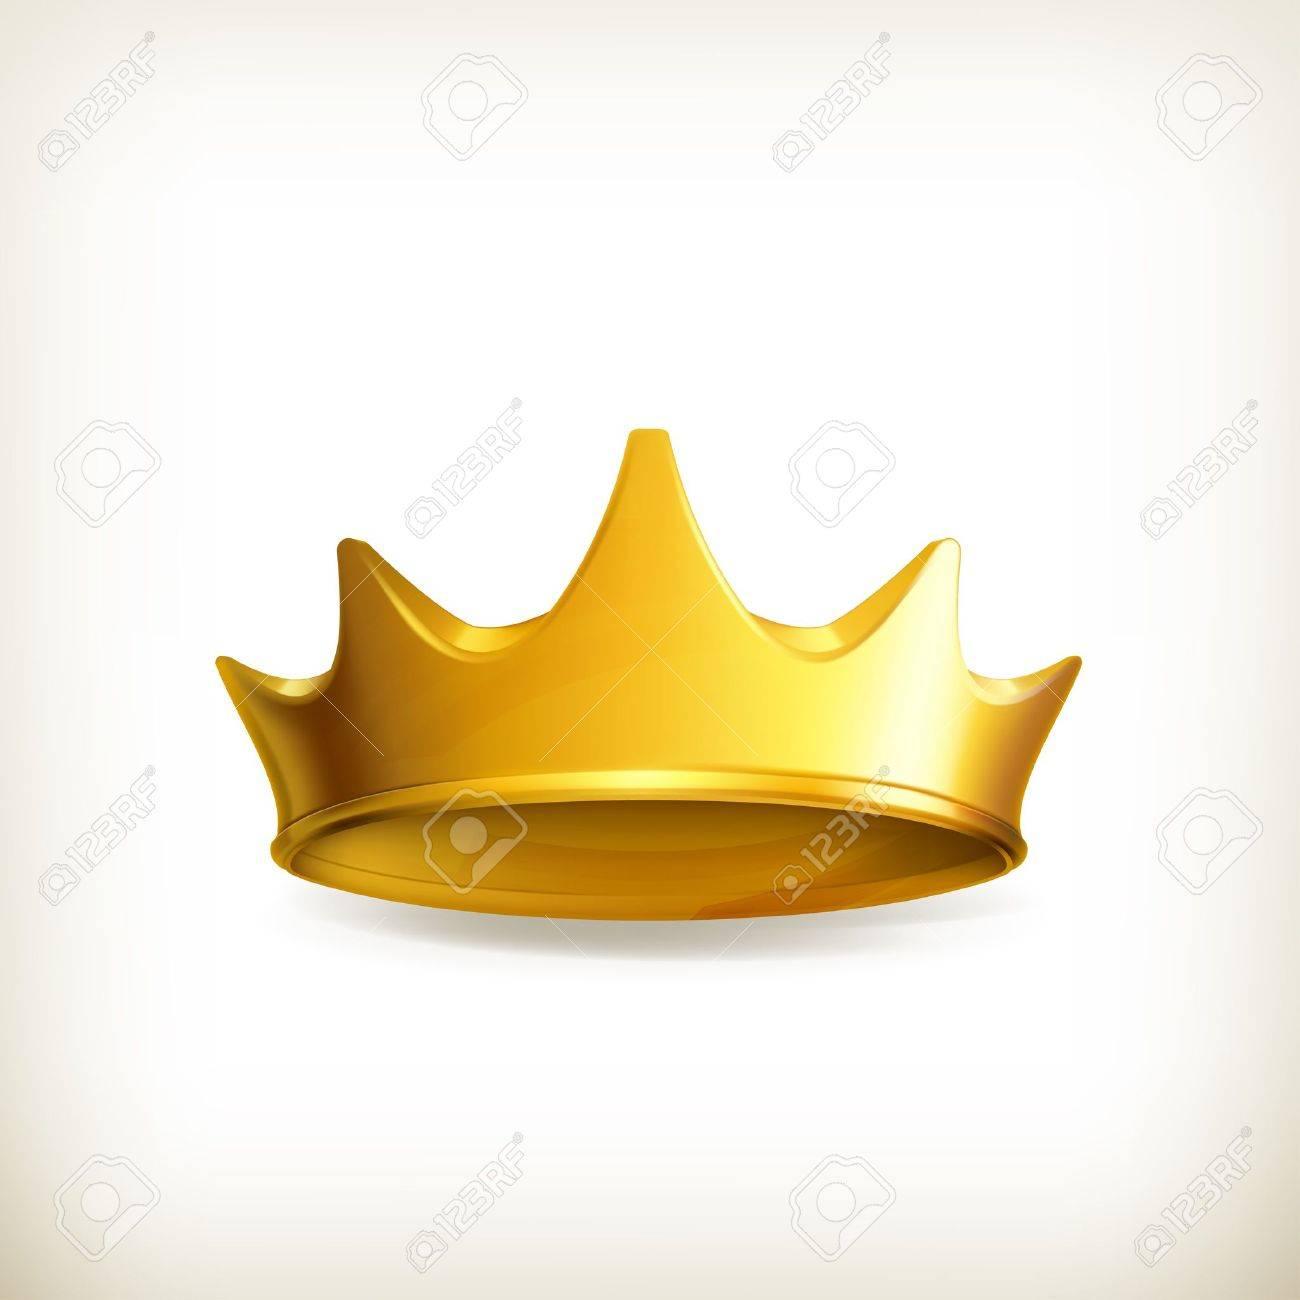 Golden crown Stock Vector - 16728023